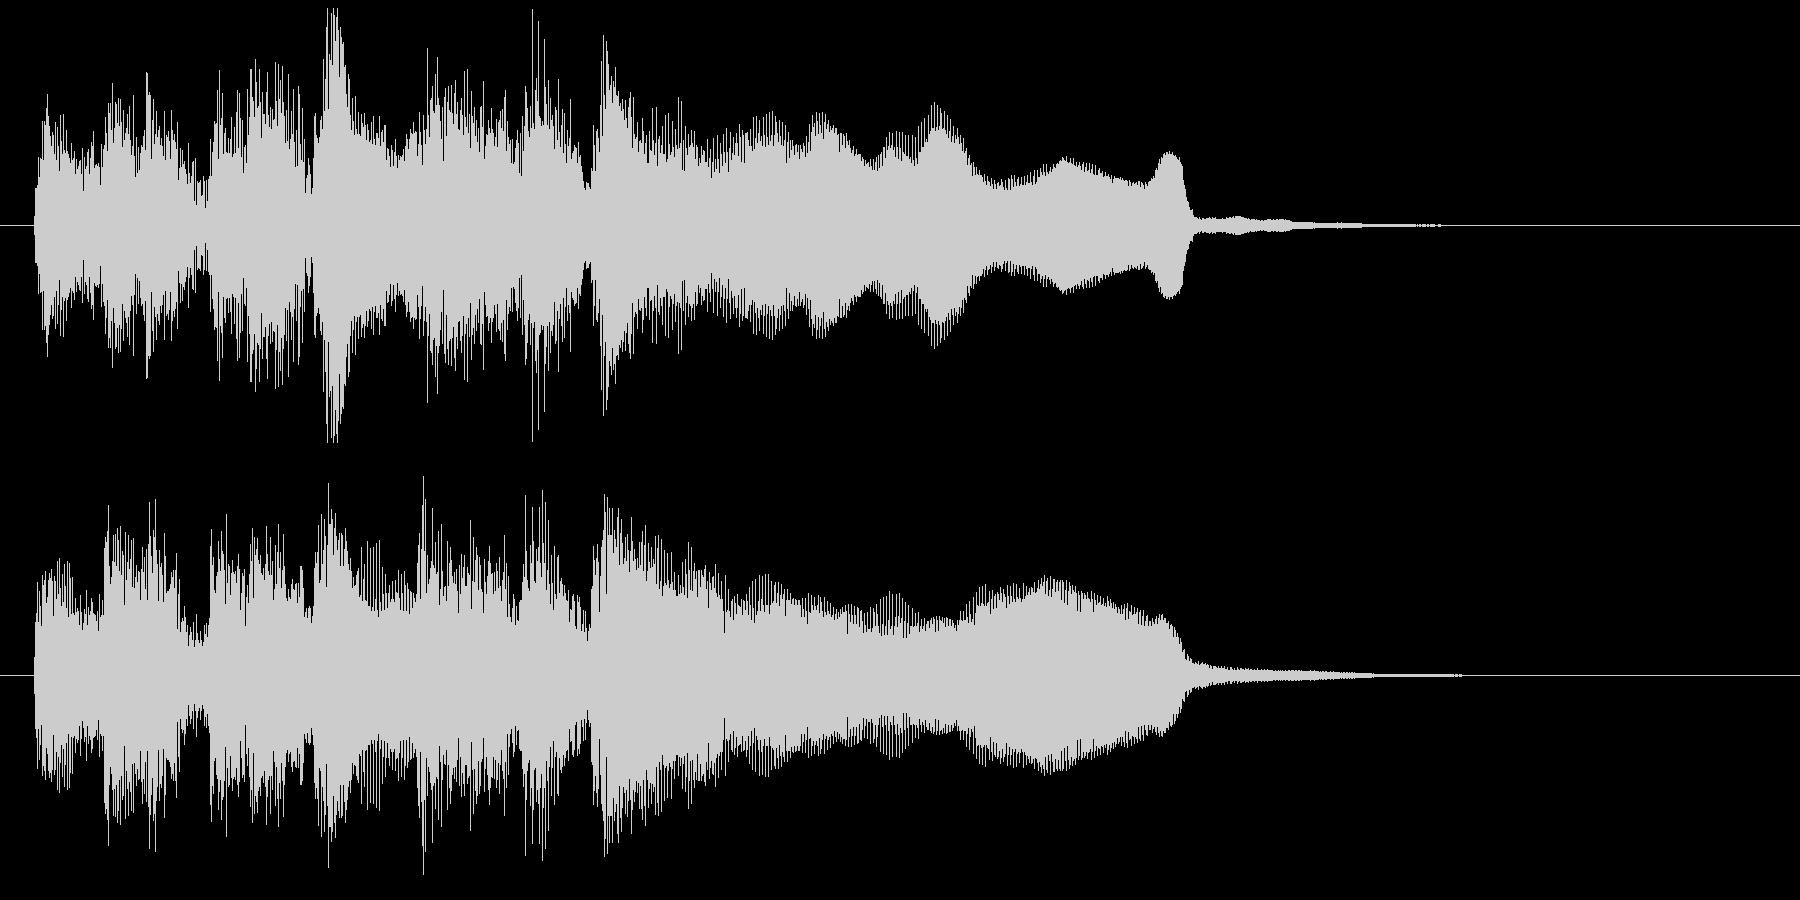 レベルアップのジングル、サックスとブラスの未再生の波形